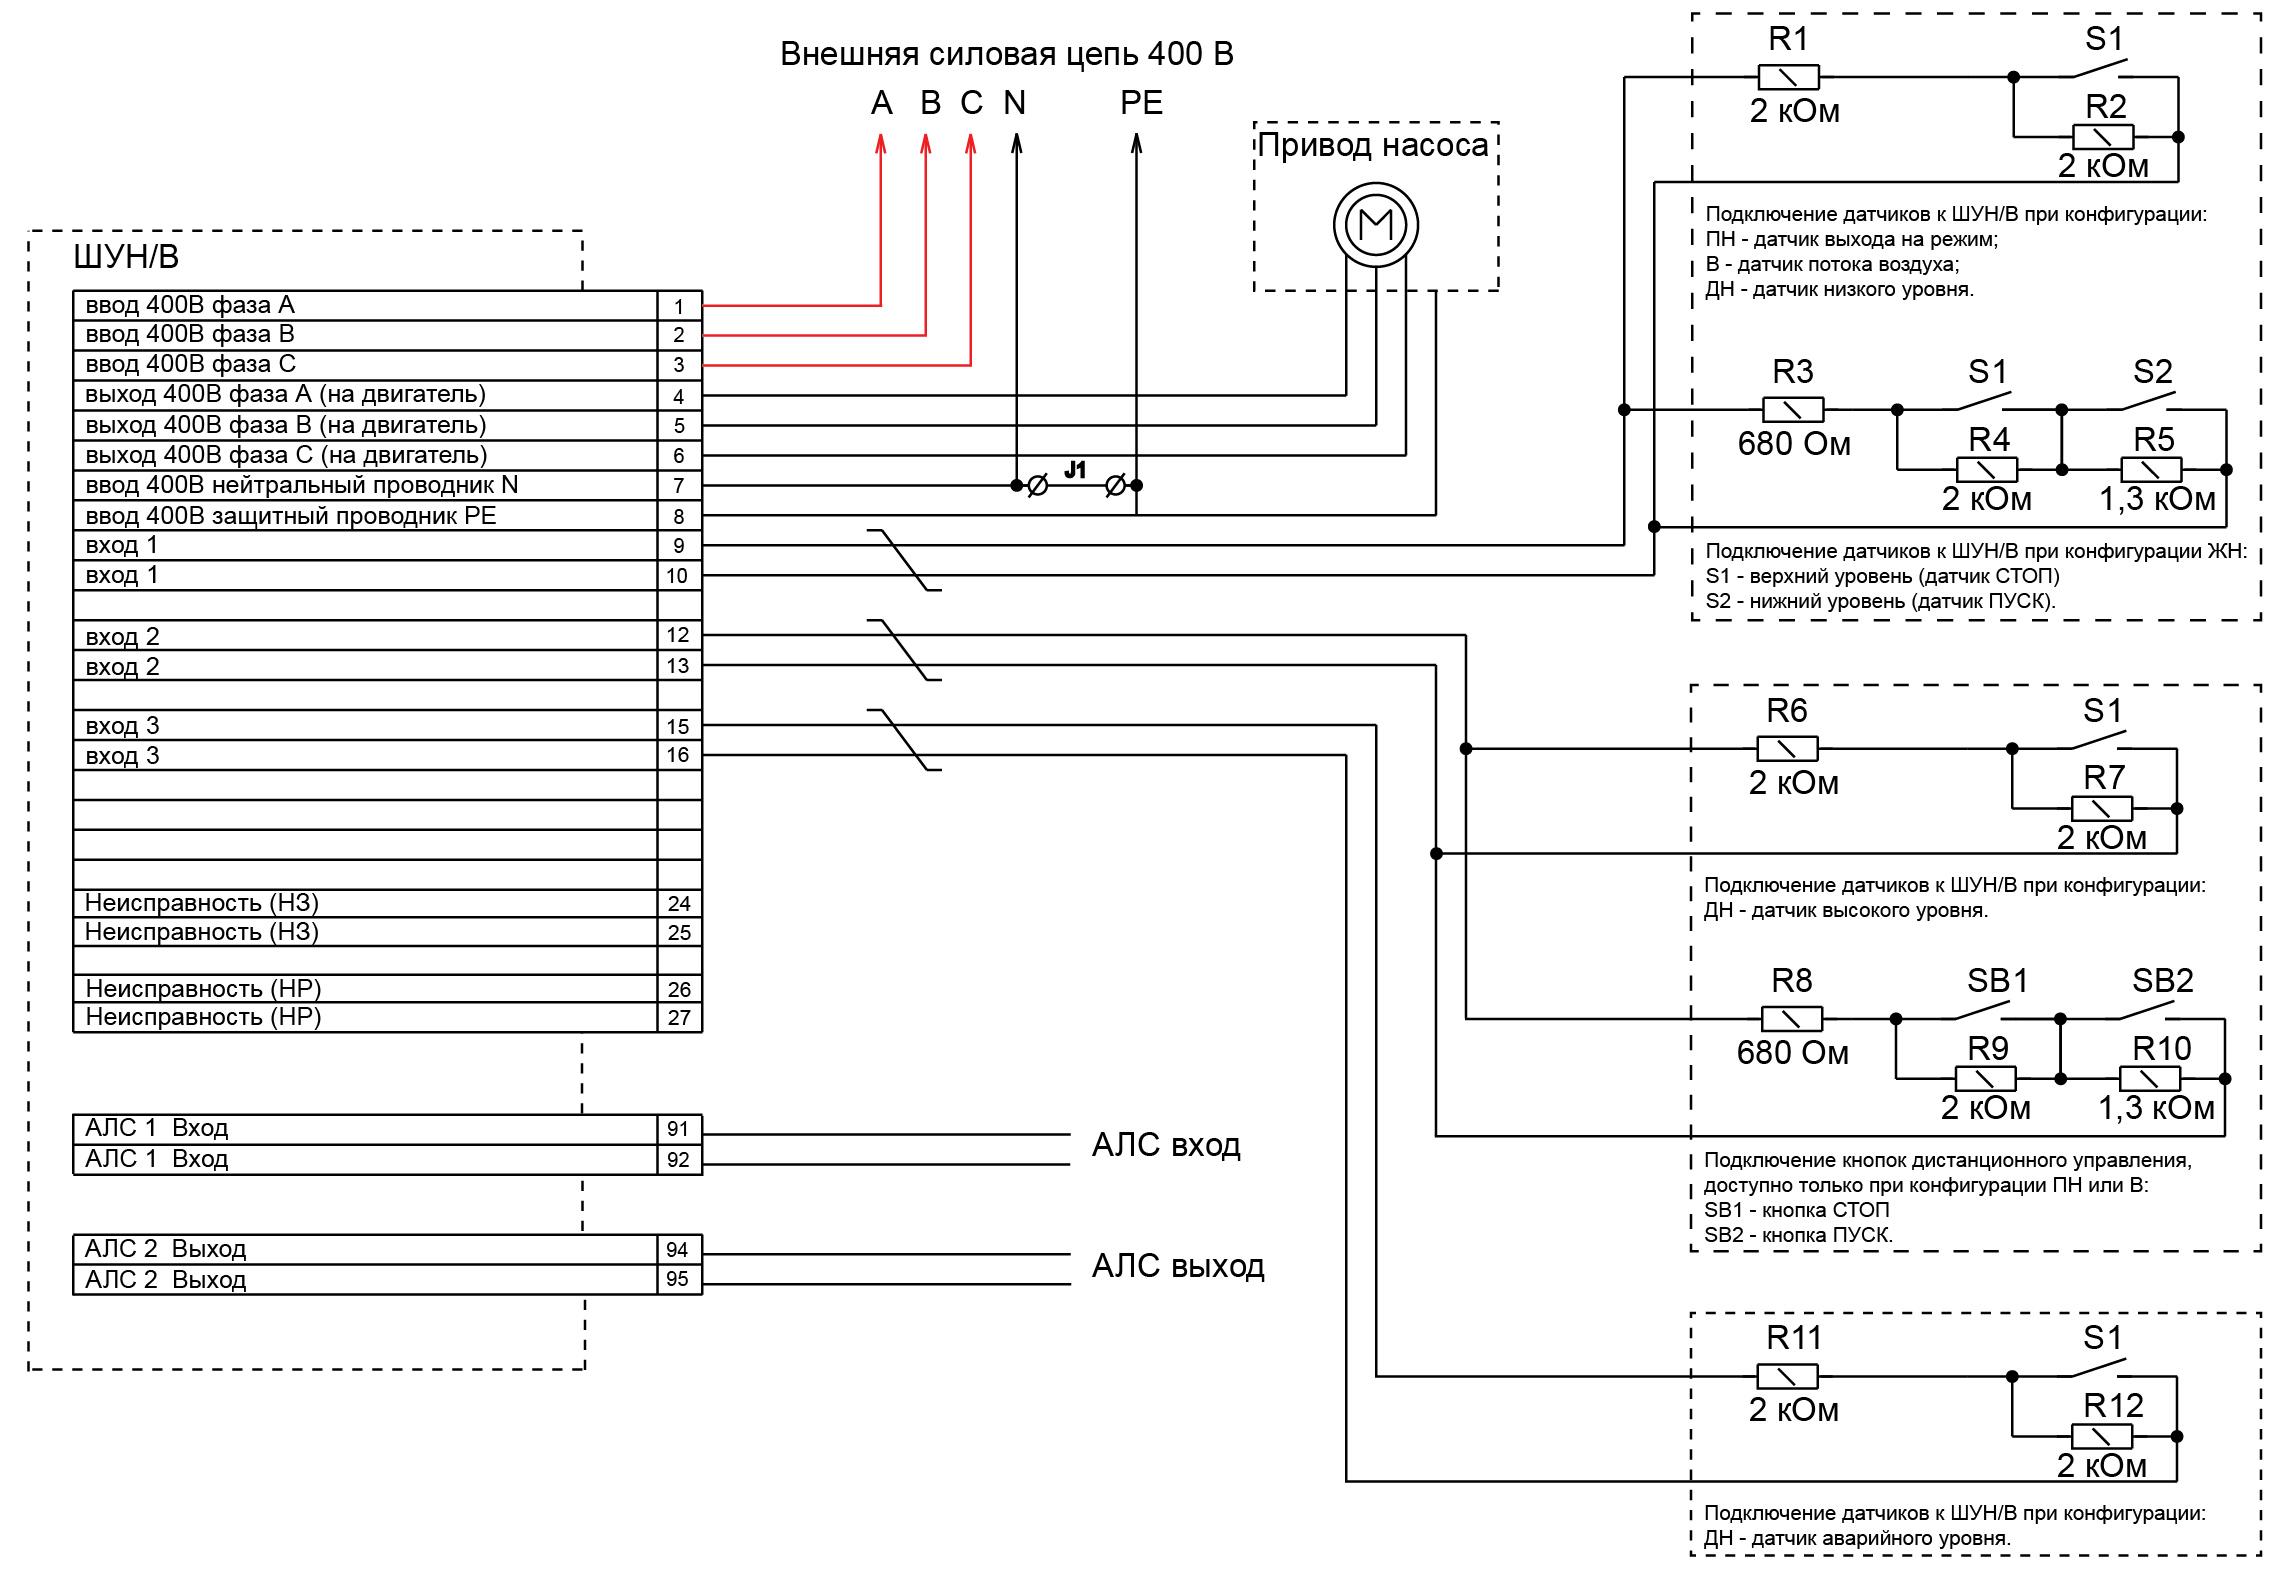 ШУН/В-0.37 (0.37 КВТ) протокол R3